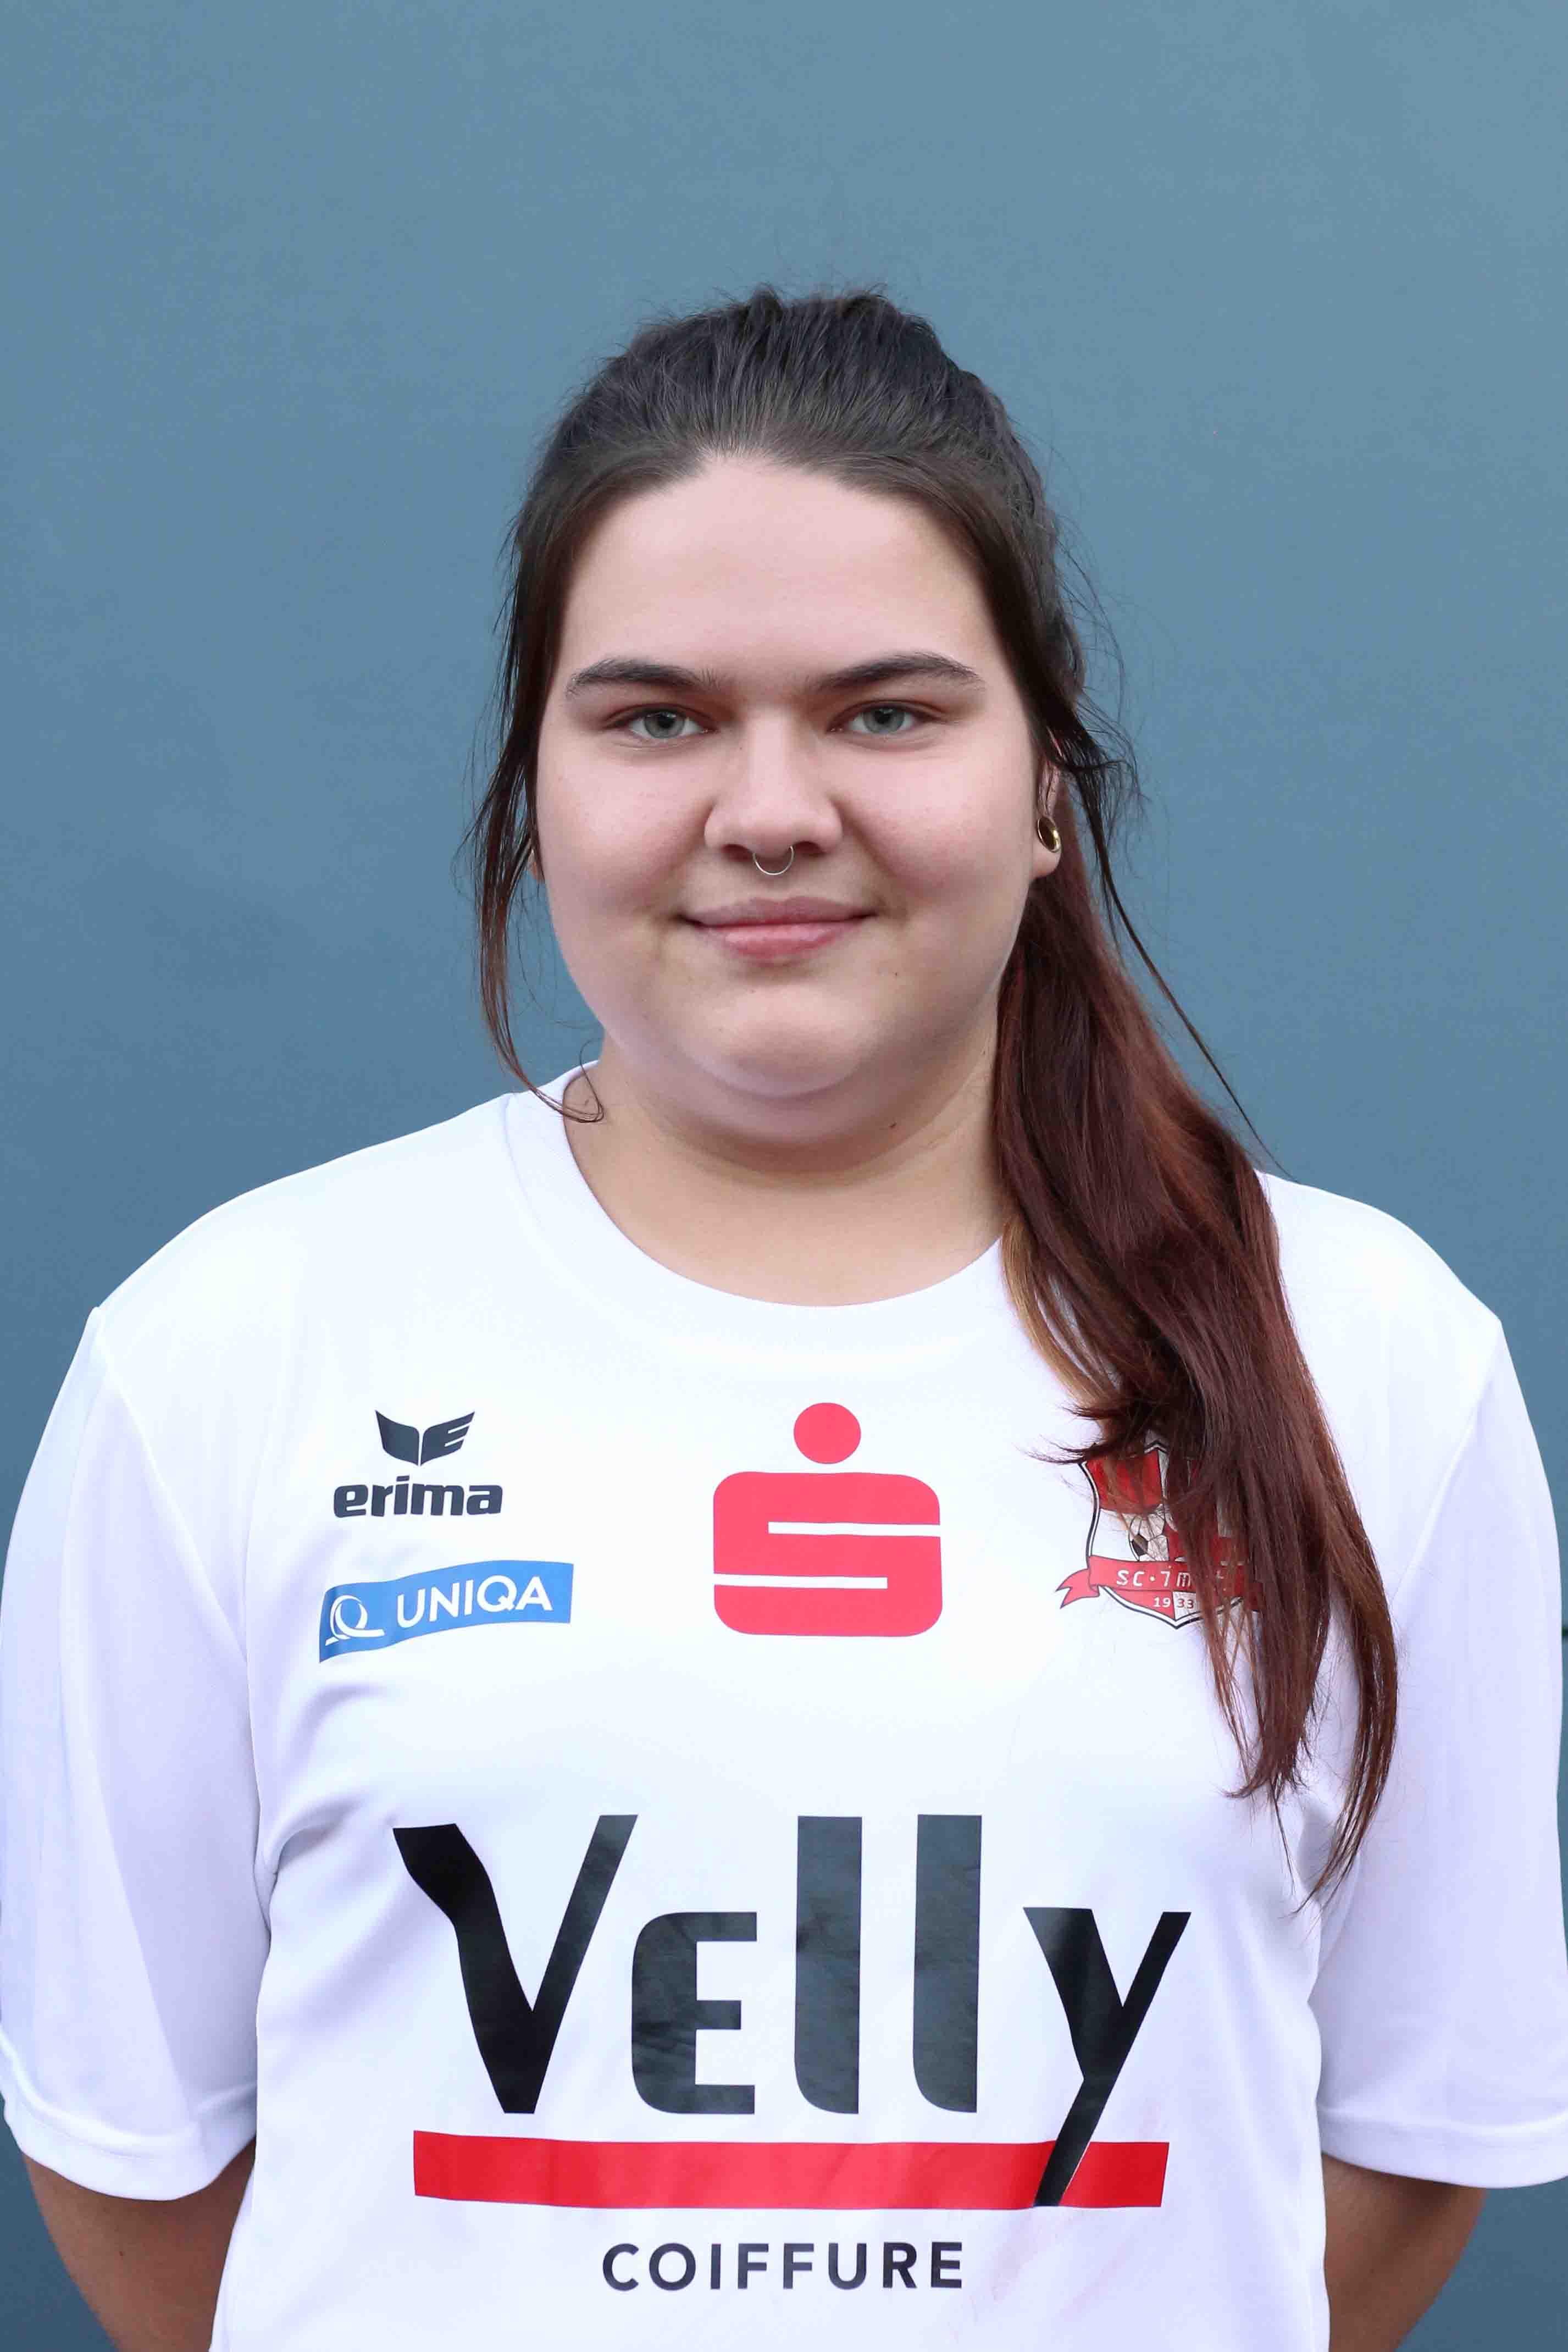 Elena Sturm